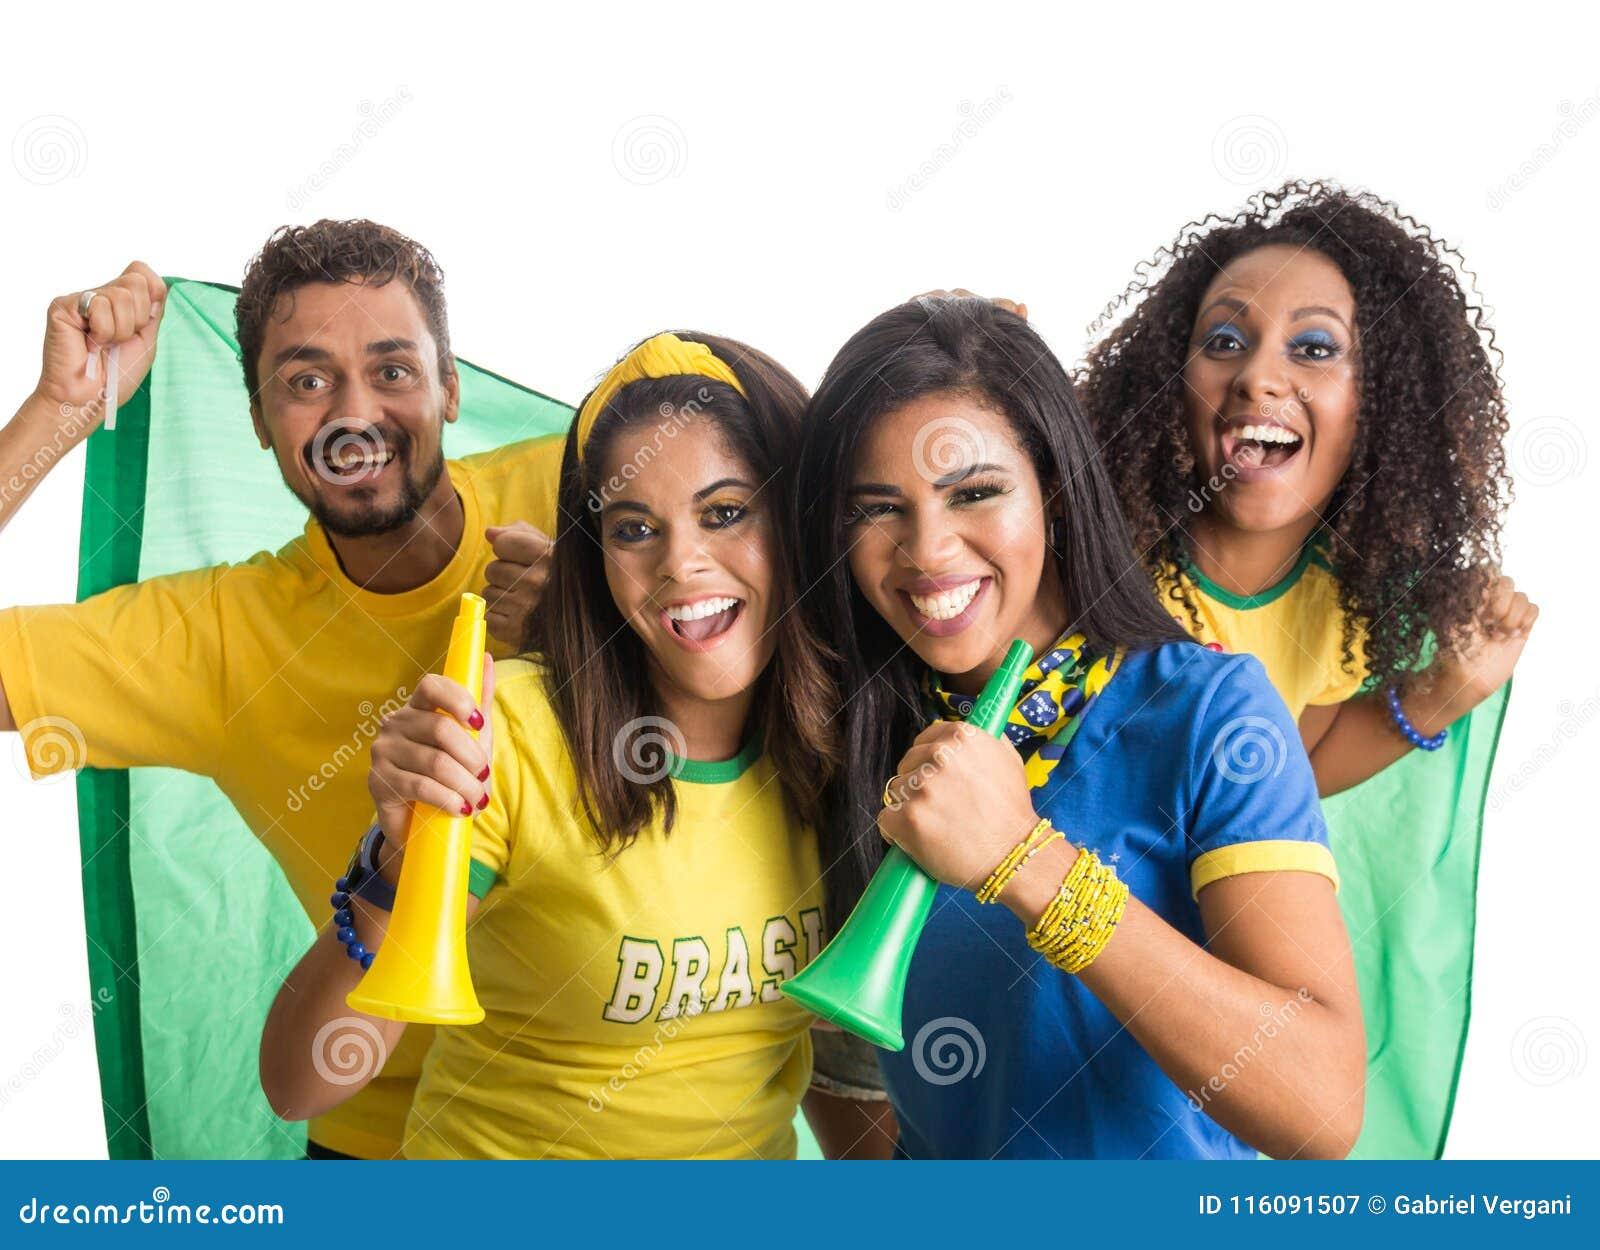 庆祝在白色b的足球比赛的巴西小组爱好者